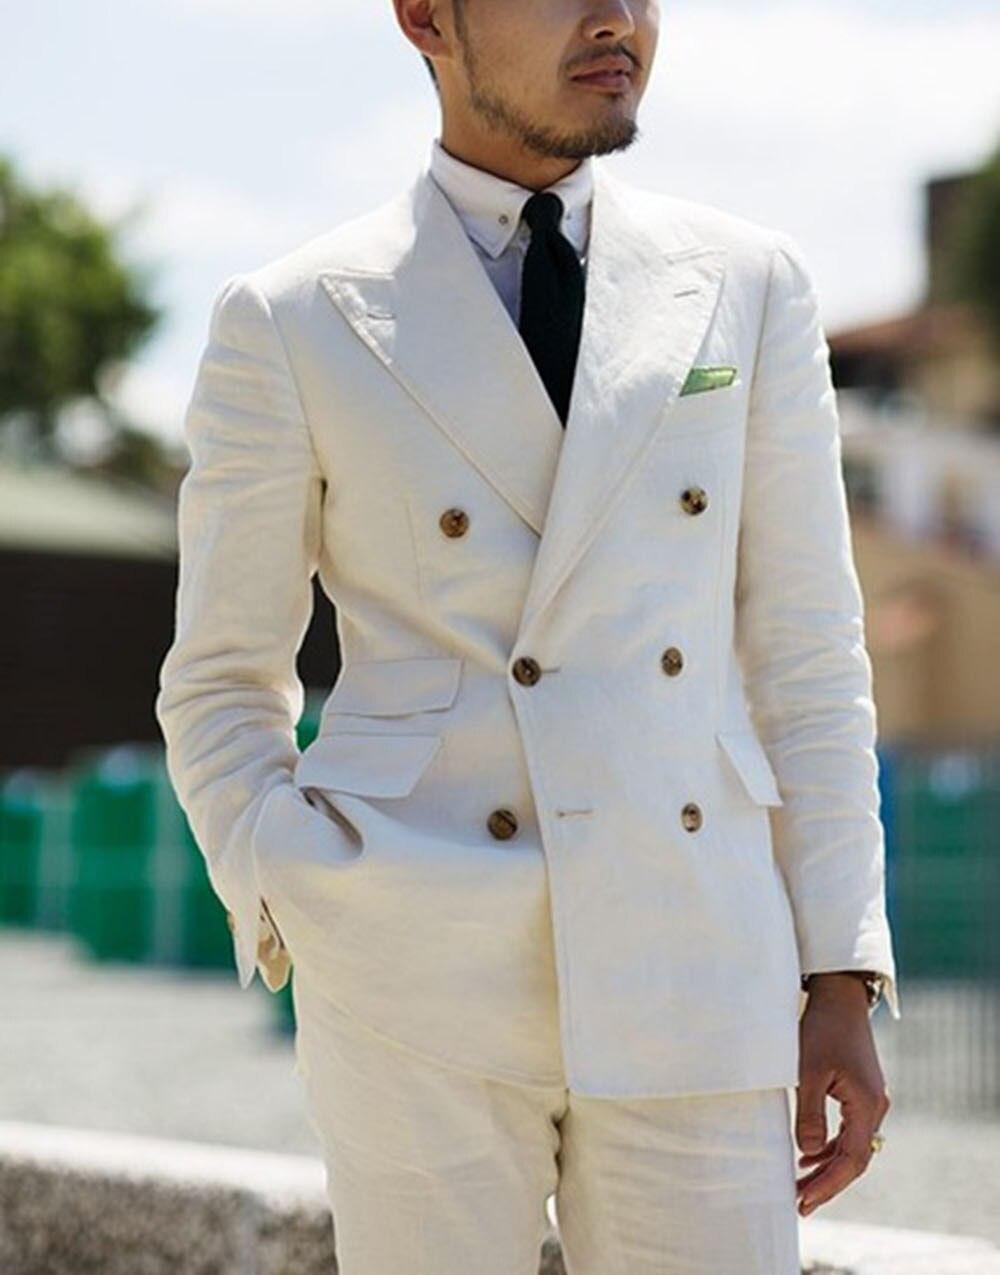 2 sztuk biały podwójne piersi stały 2 sztuka Slim Fit męskie garnitur Notch Lapel jednego przycisku Tuxedo kurtka spodnie zestaw (marynarka + spodnie) w Garnitury od Odzież męska na  Grupa 1